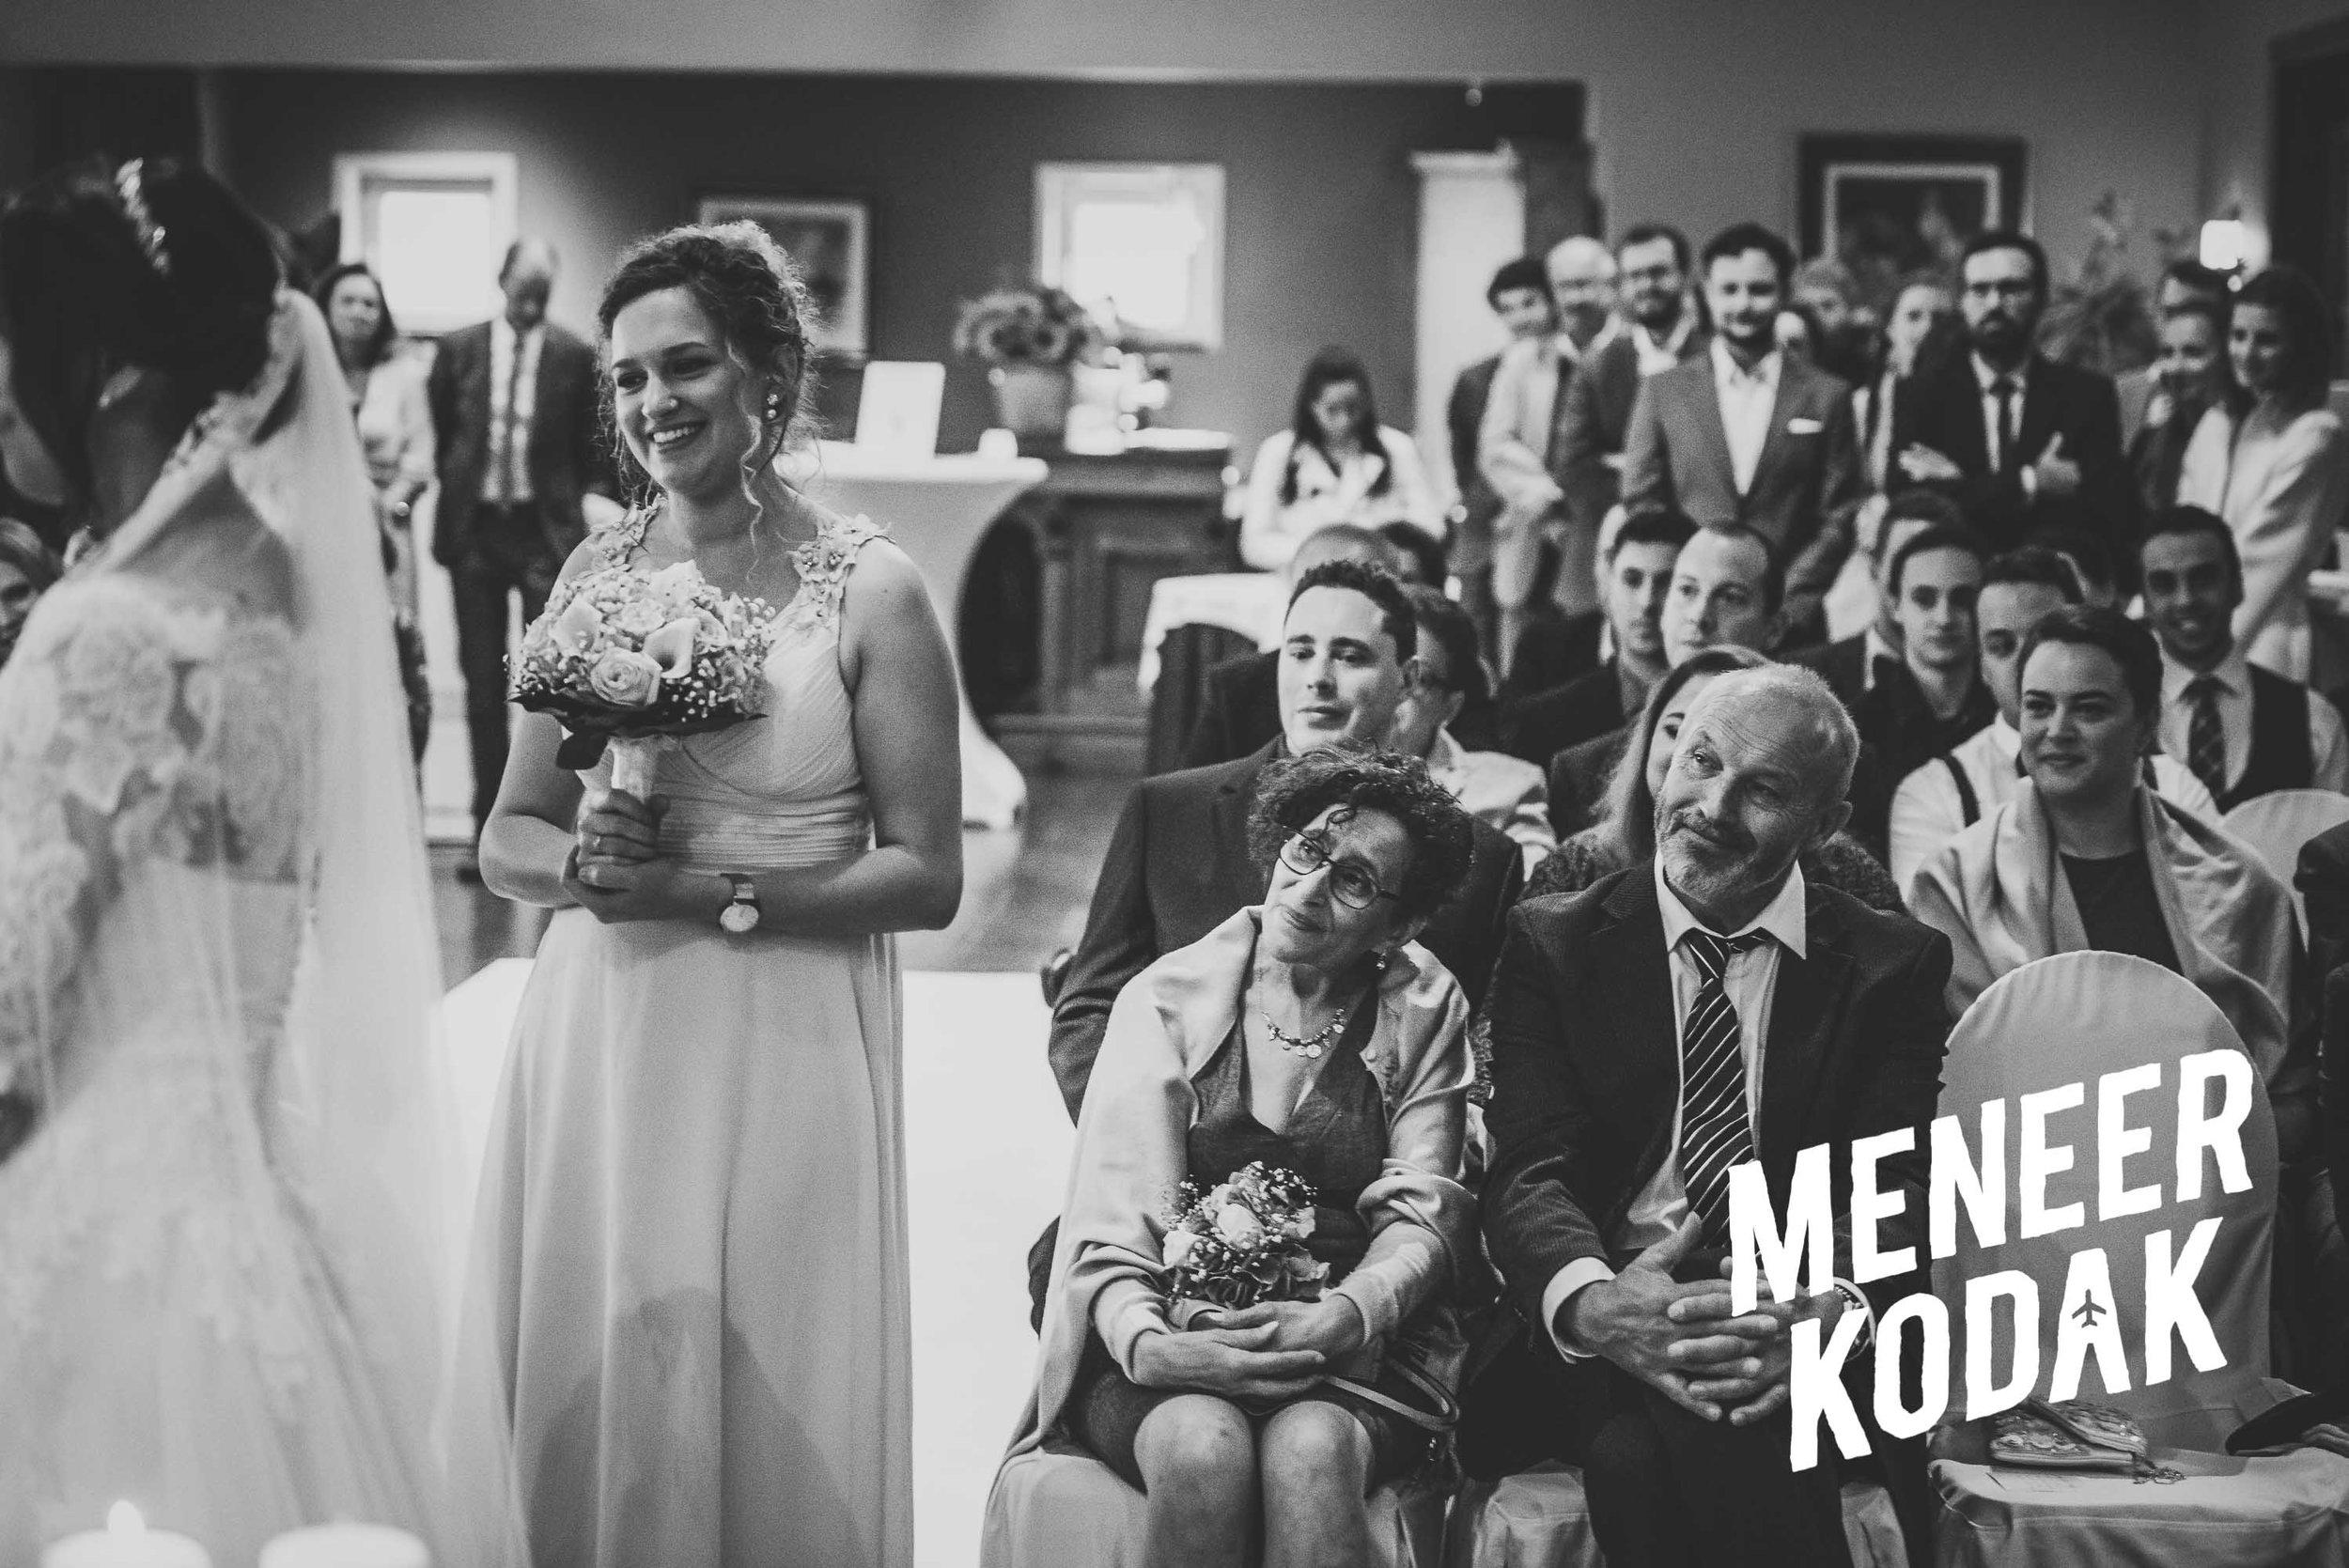 Meneer Kodak - Trouwfotograaf - Gent - D&T-063.jpg